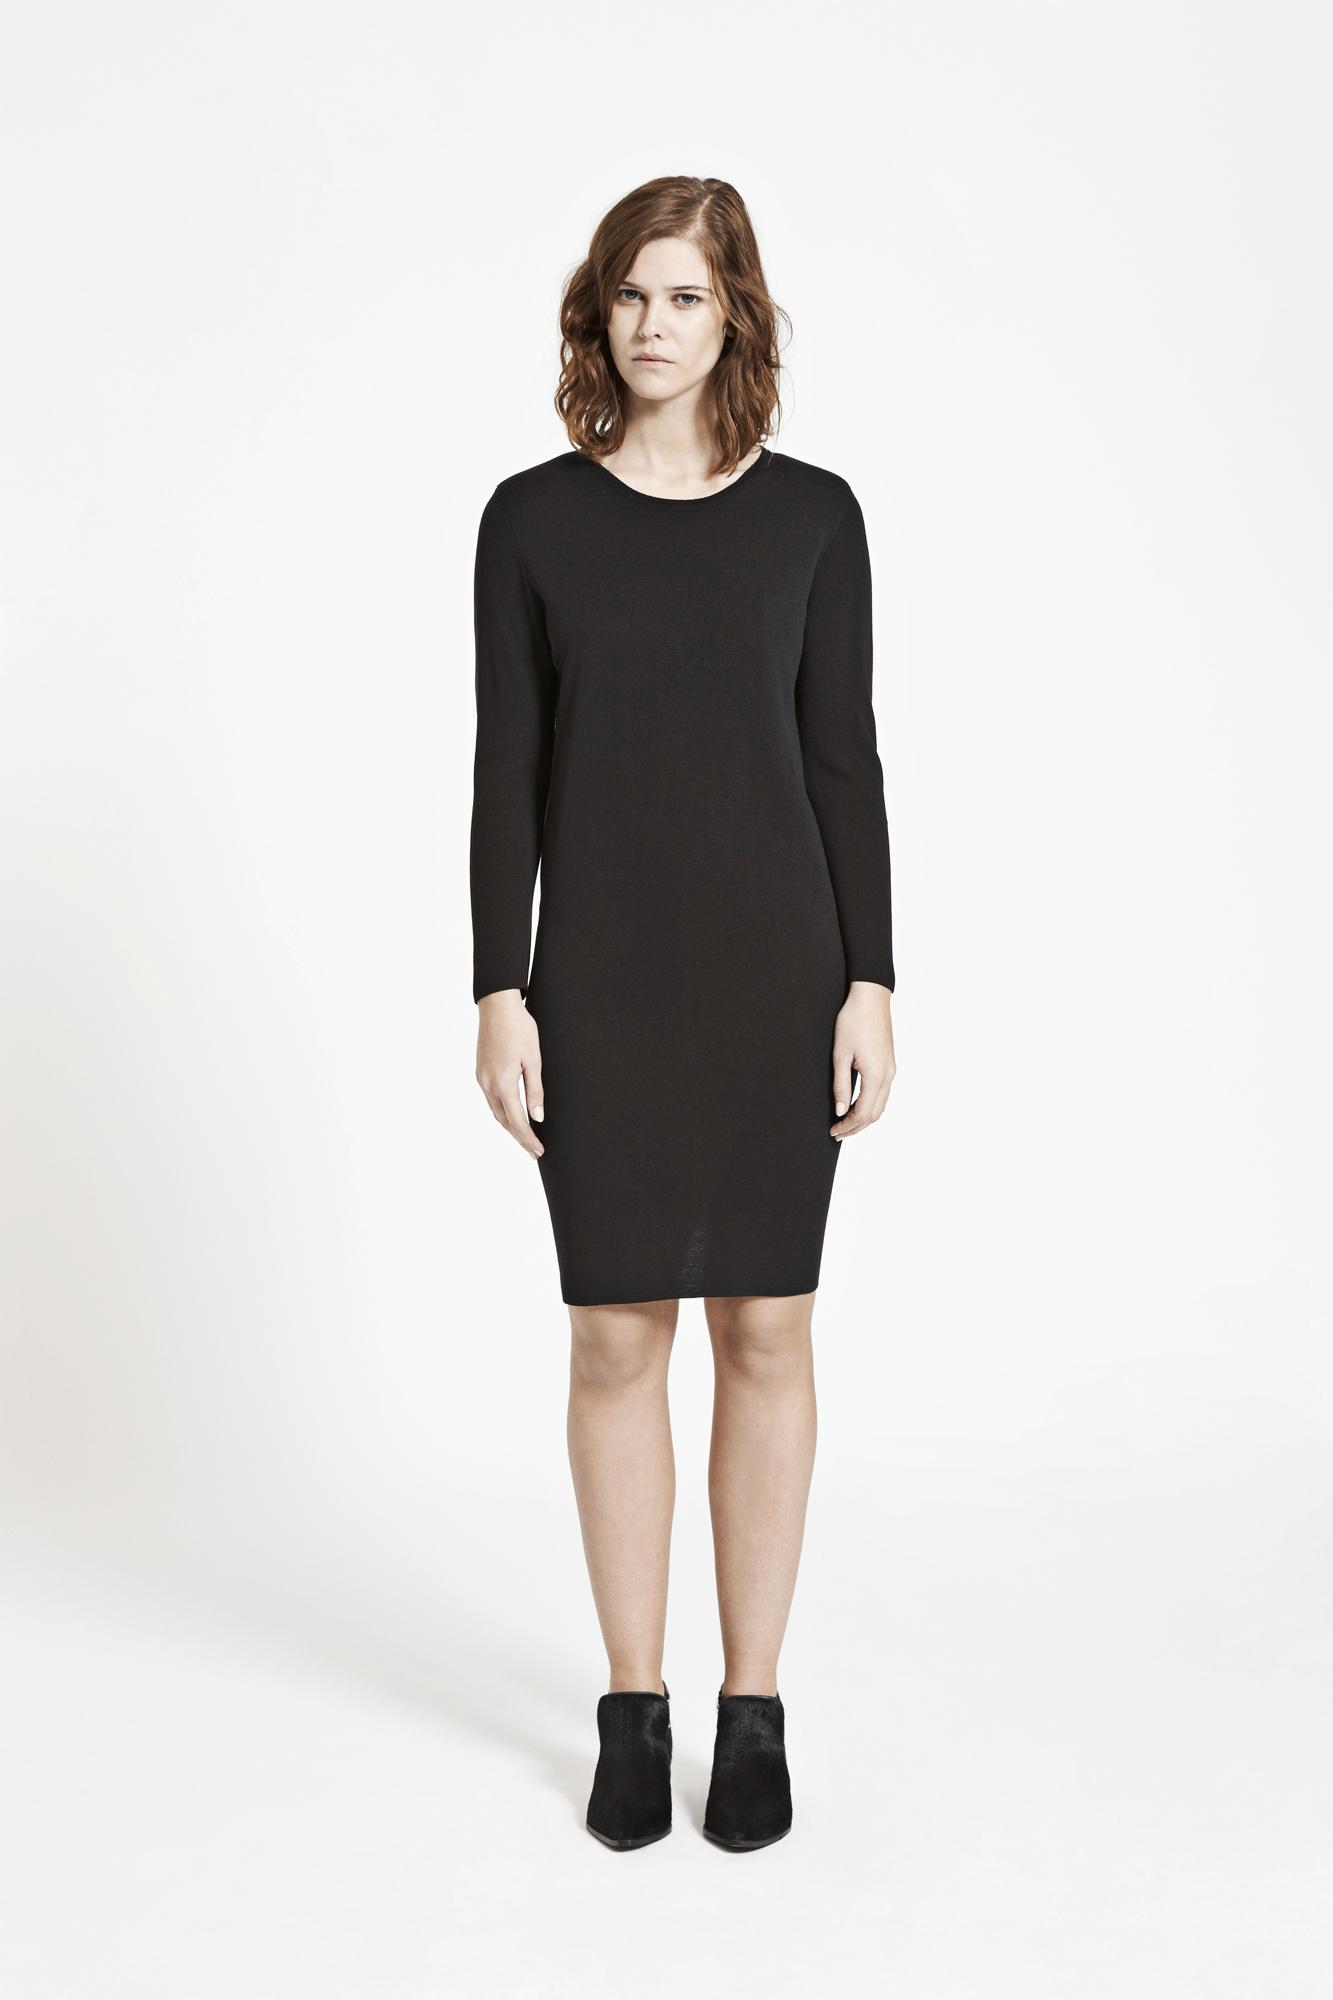 dress - by www.samsoe.com